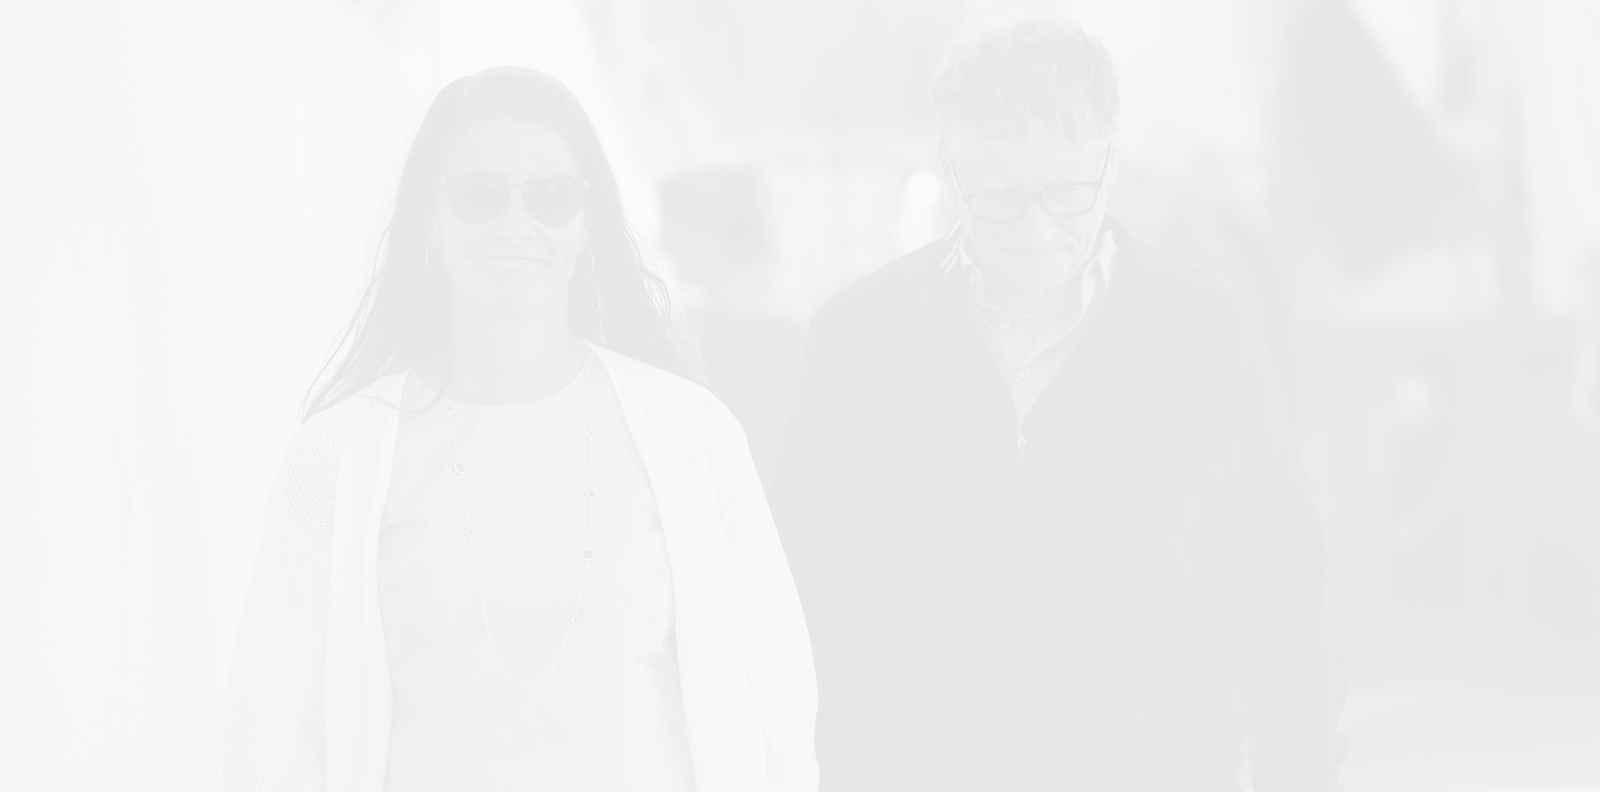 Бил и Мелинда Гейтс слагат край на брака си